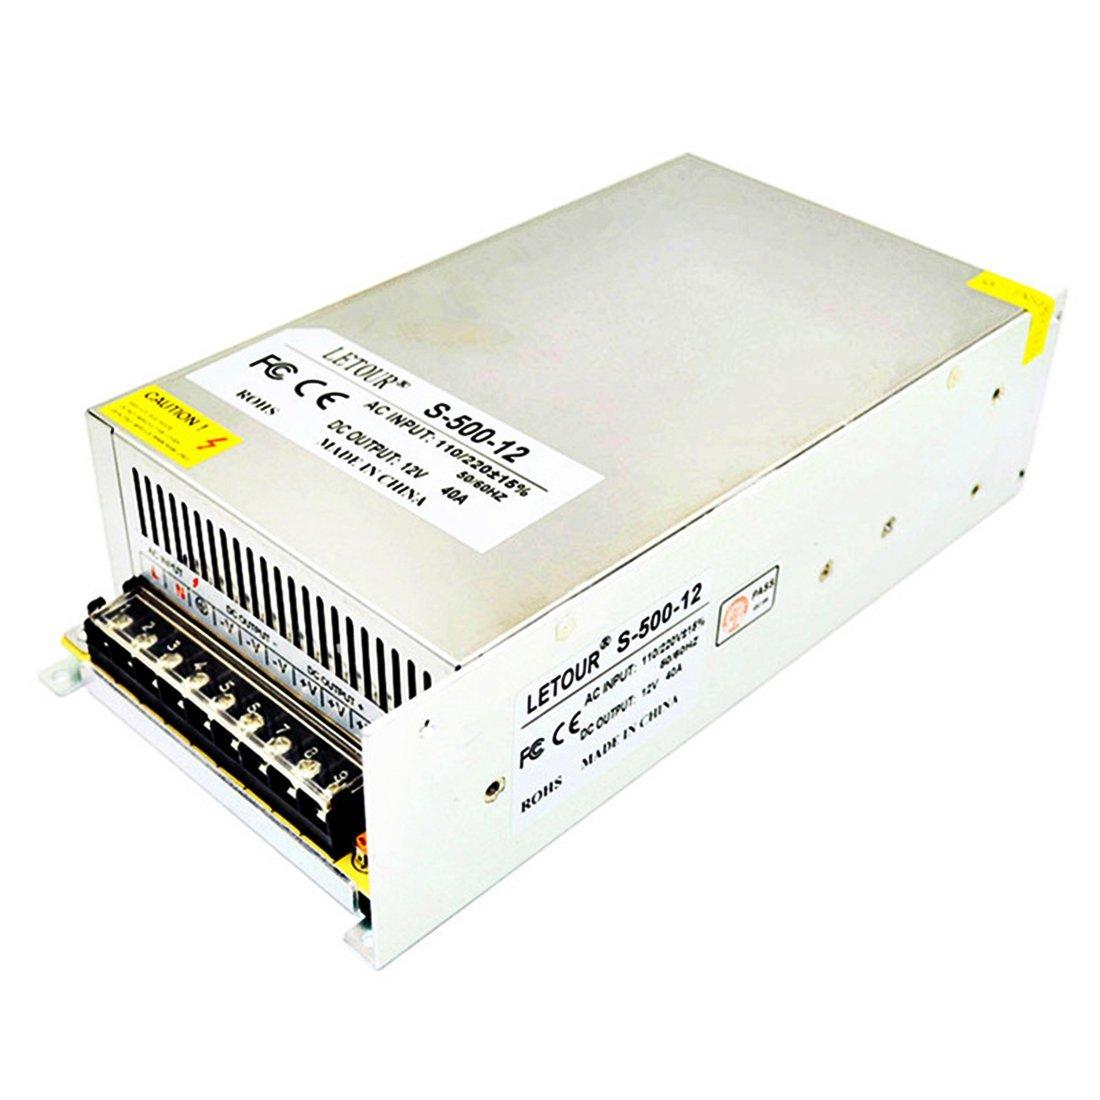 LETOUR DC 12V 40A Power Supply 500W AC 110V/220V Converter Adapter 12V LED Power Supply for LED Lighting,LED Strip,CCTV